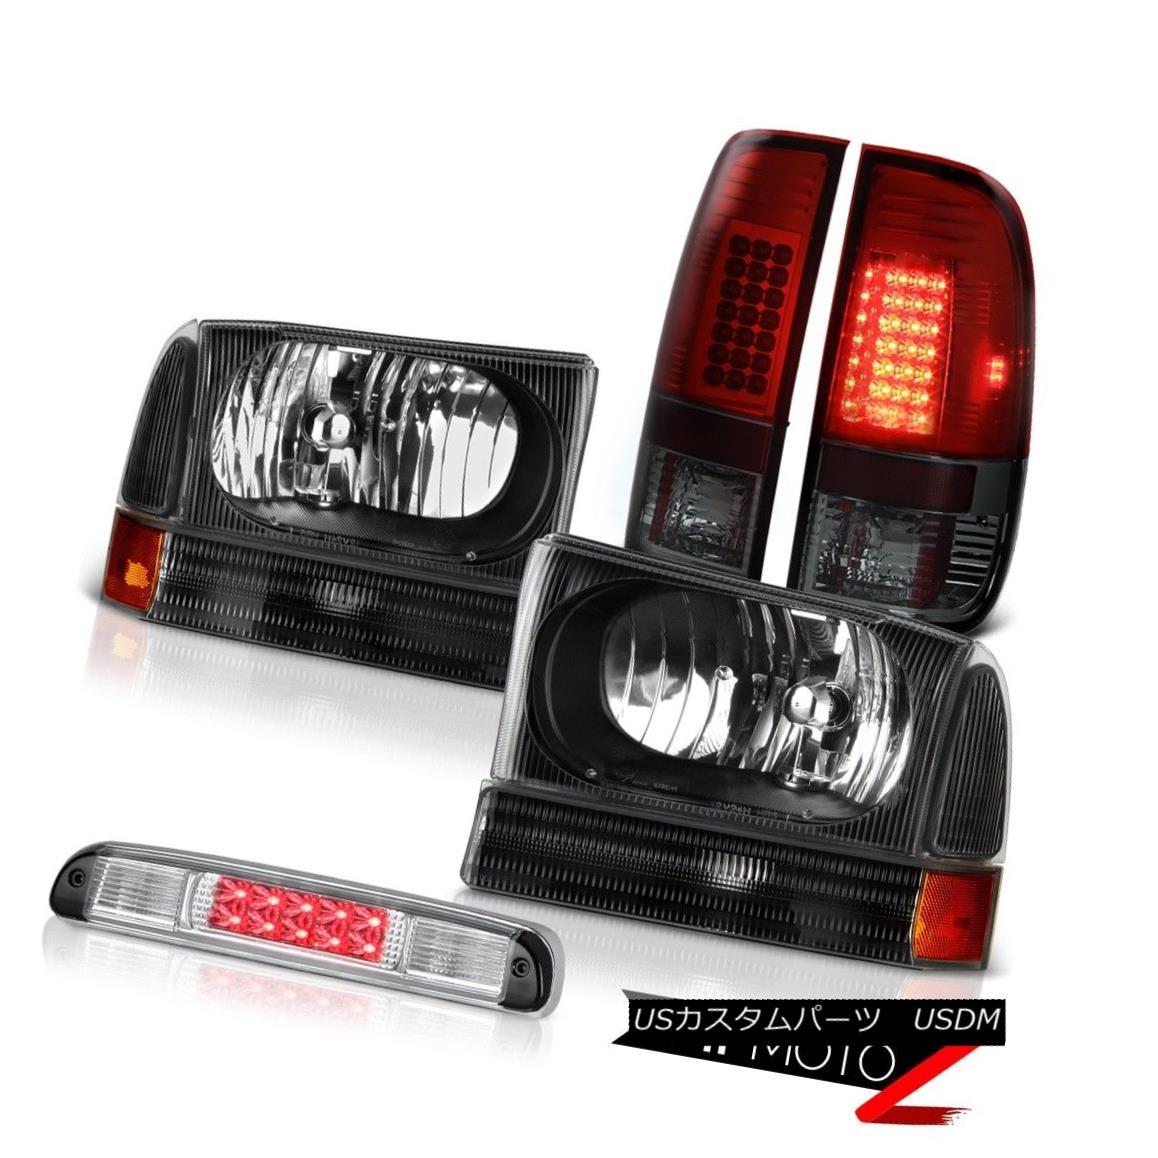 テールライト Left Right Headlamps Red Smoke LED Tail Lights High Brake Cargo 99-04 F350 7.3L 左ライトヘッドランプ赤煙LEDテールライトハイブレーキ貨物99-04 F350 7.3L